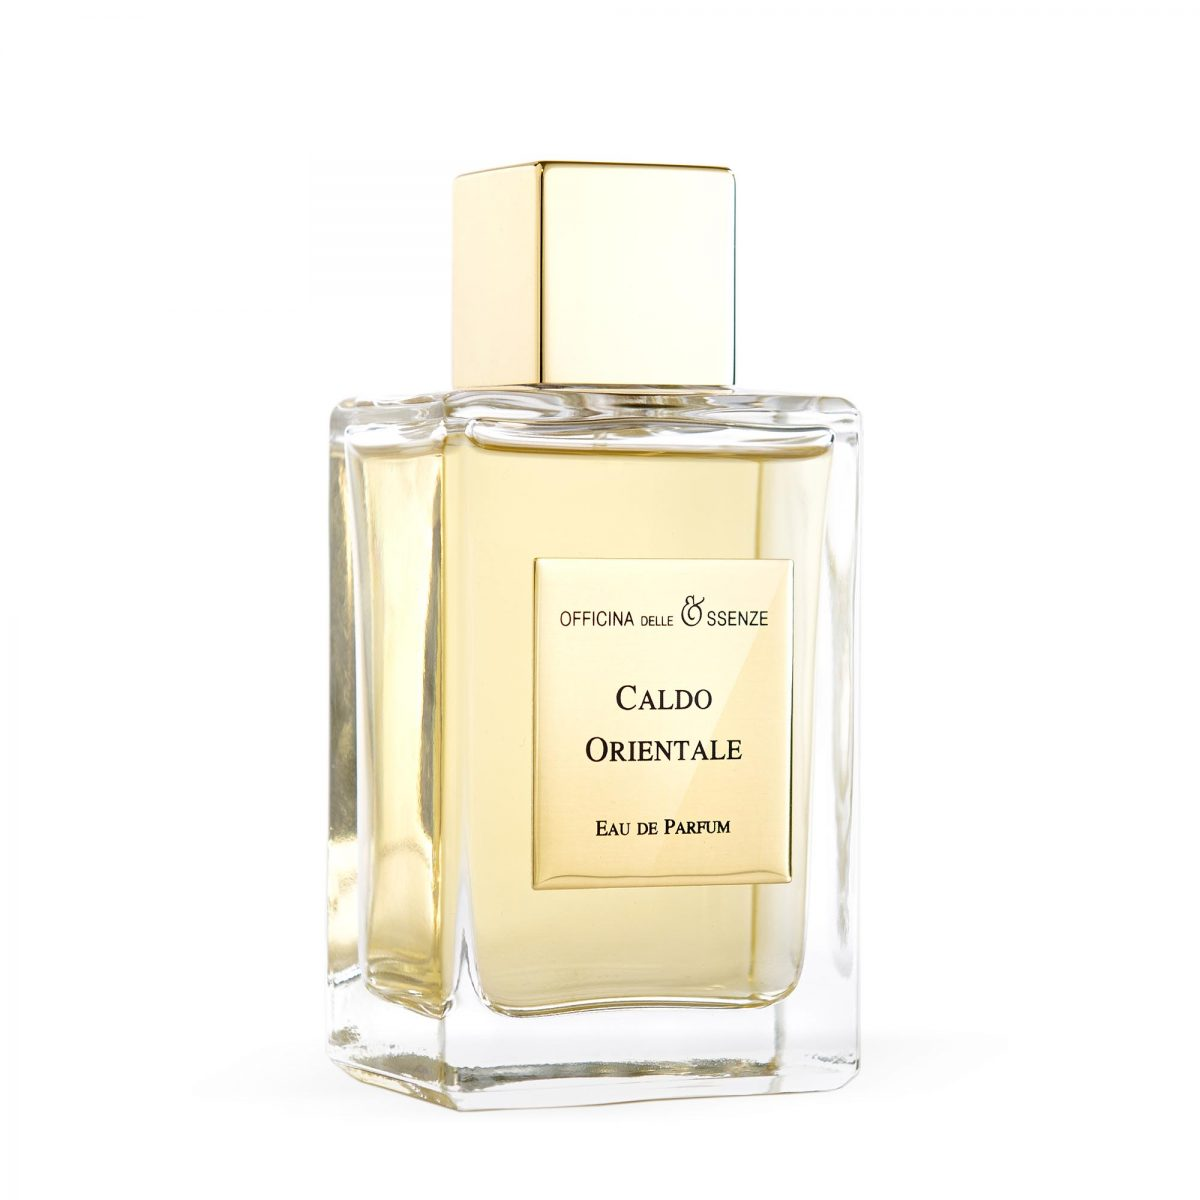 Caldo Orientale Officina delle Essenze niche perfume